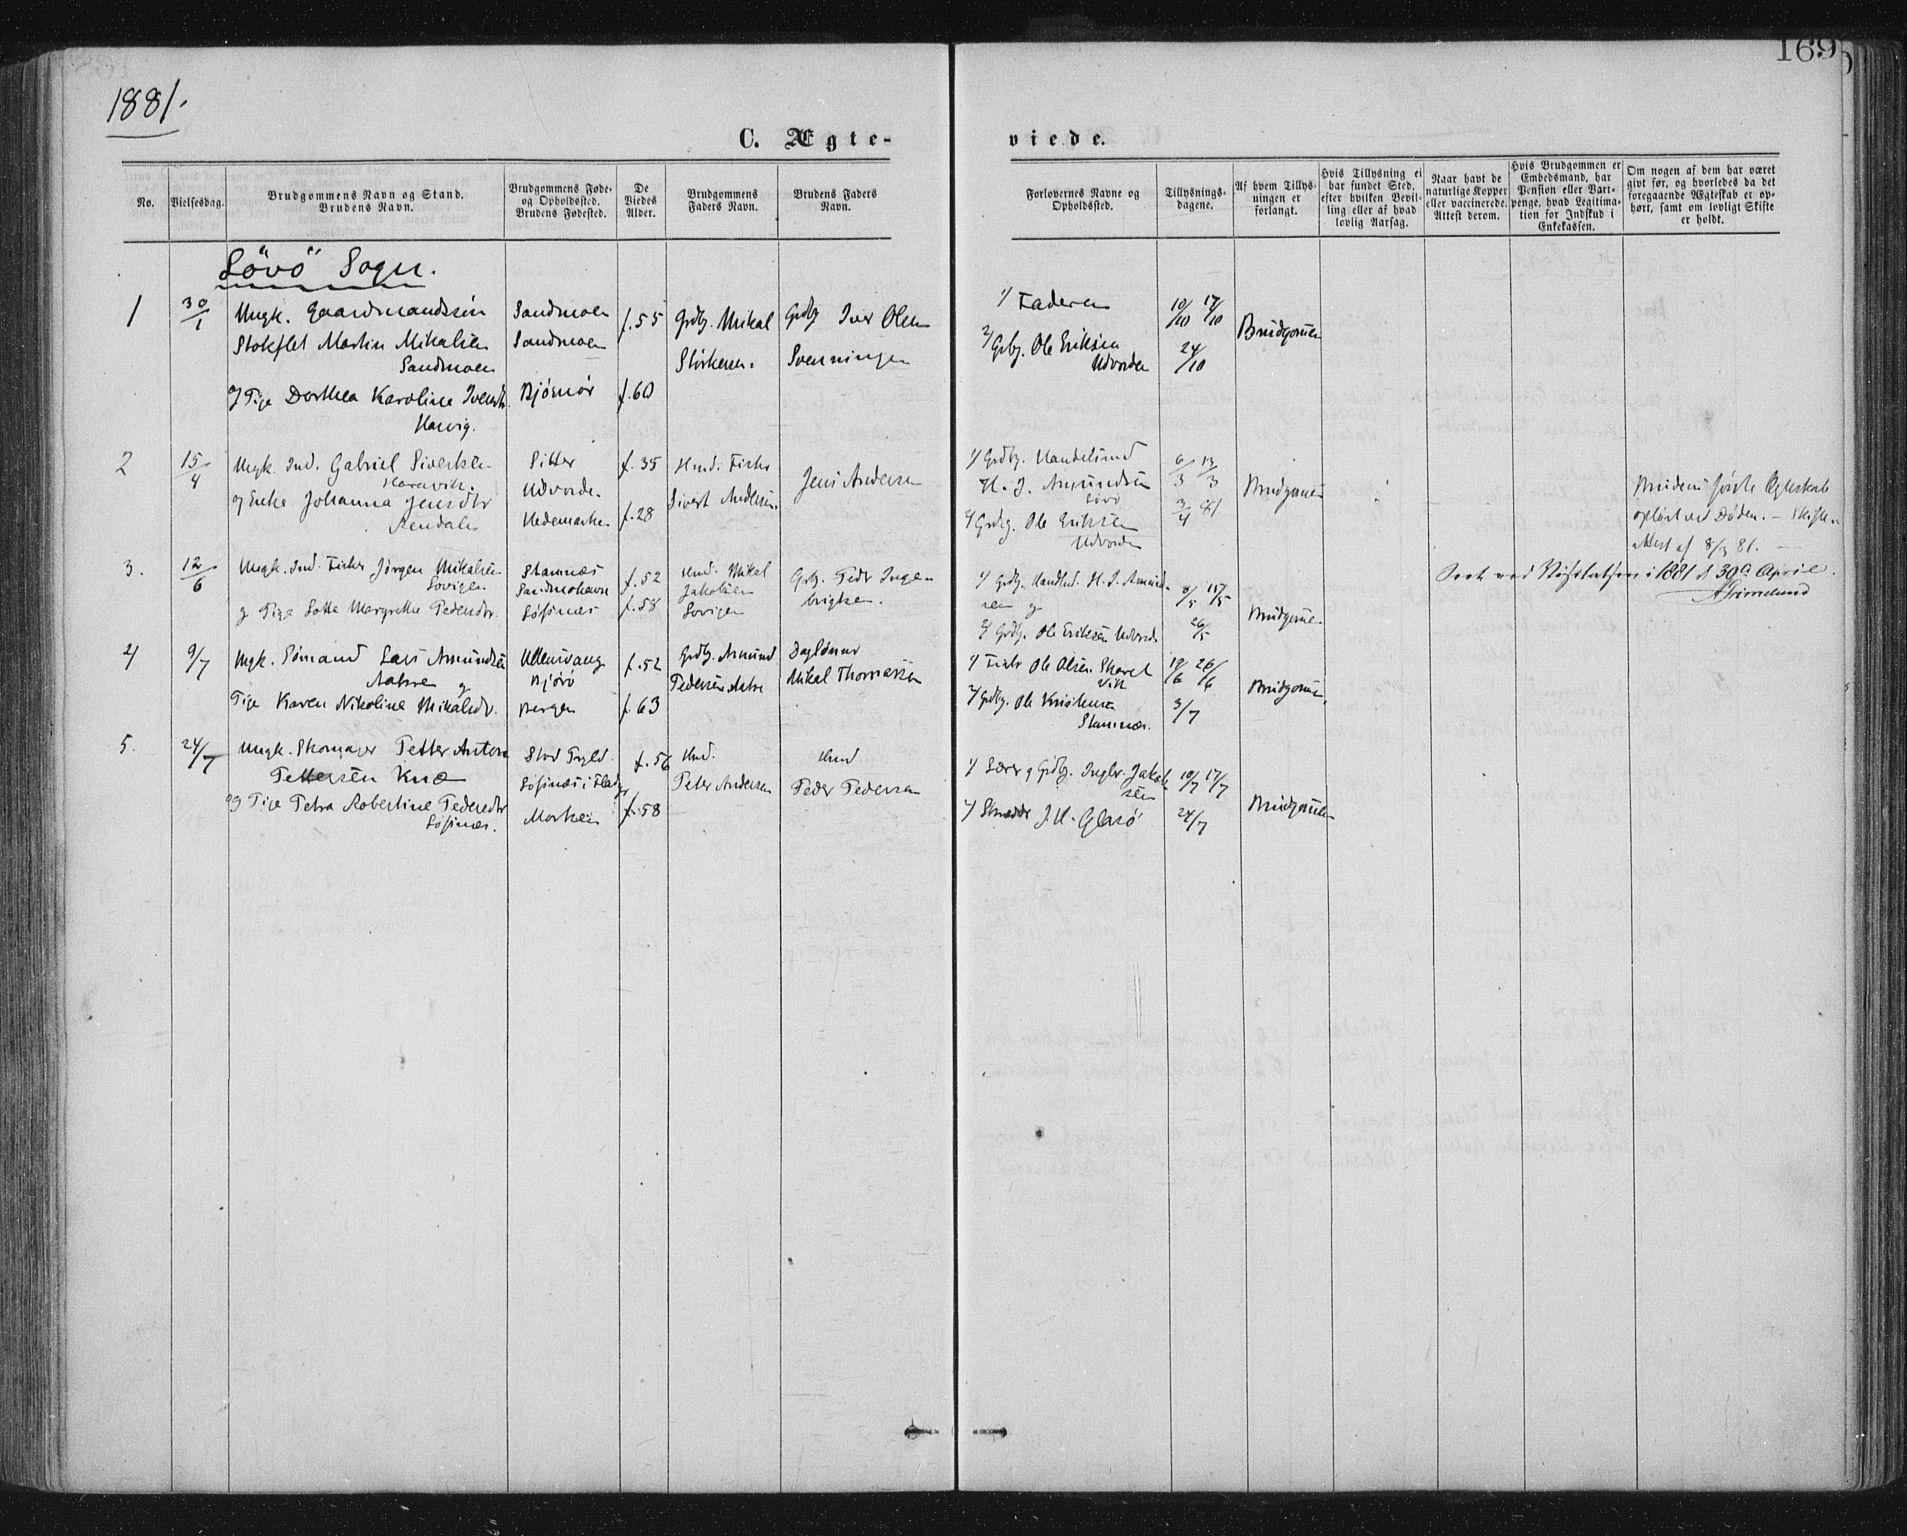 SAT, Ministerialprotokoller, klokkerbøker og fødselsregistre - Nord-Trøndelag, 771/L0596: Ministerialbok nr. 771A03, 1870-1884, s. 169